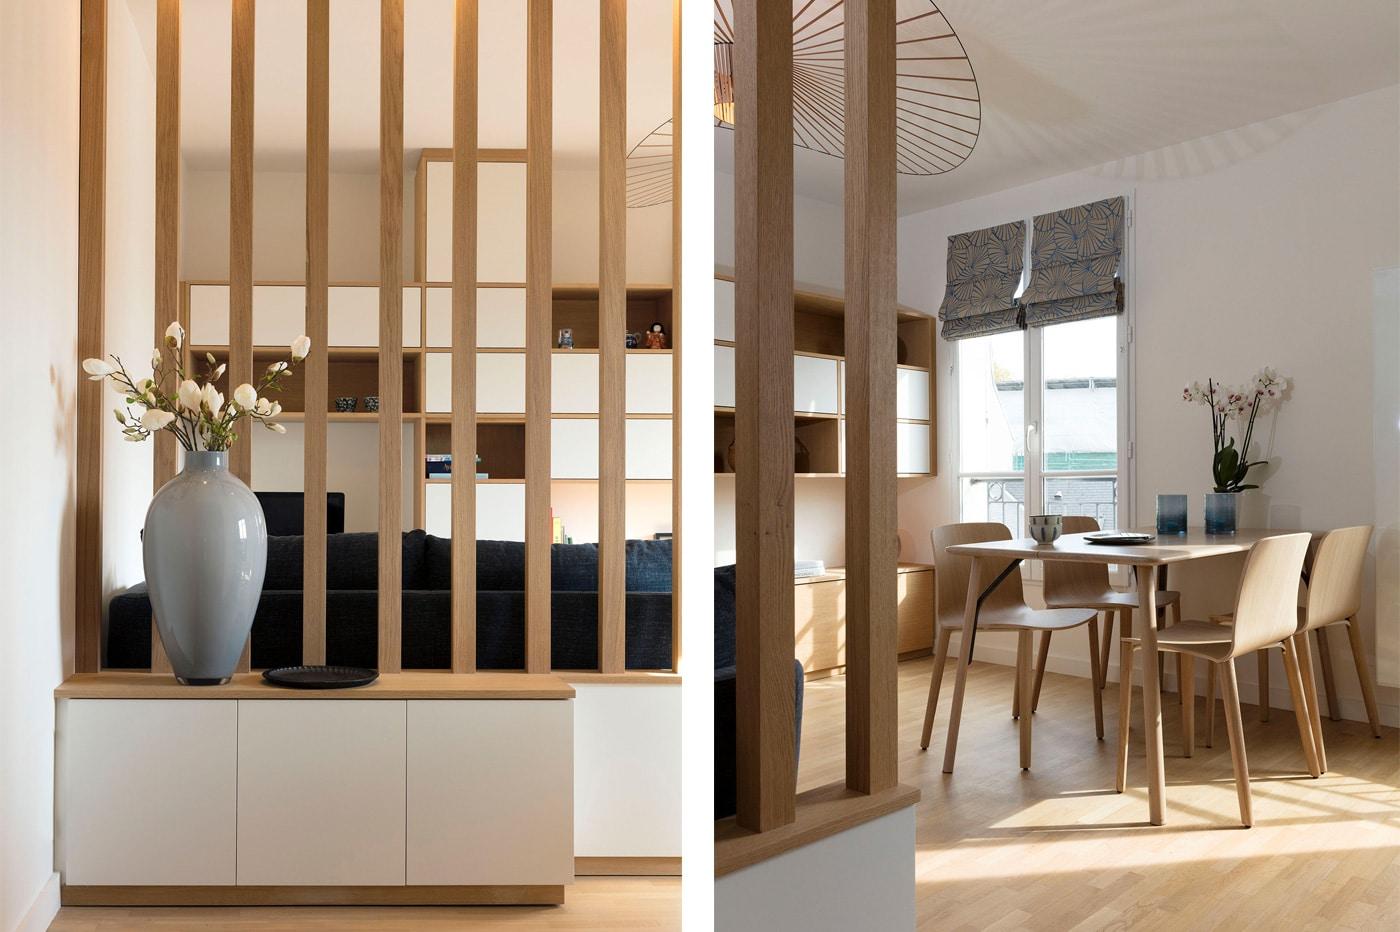 Appartement décoration scandinave japonais - Région parisienne